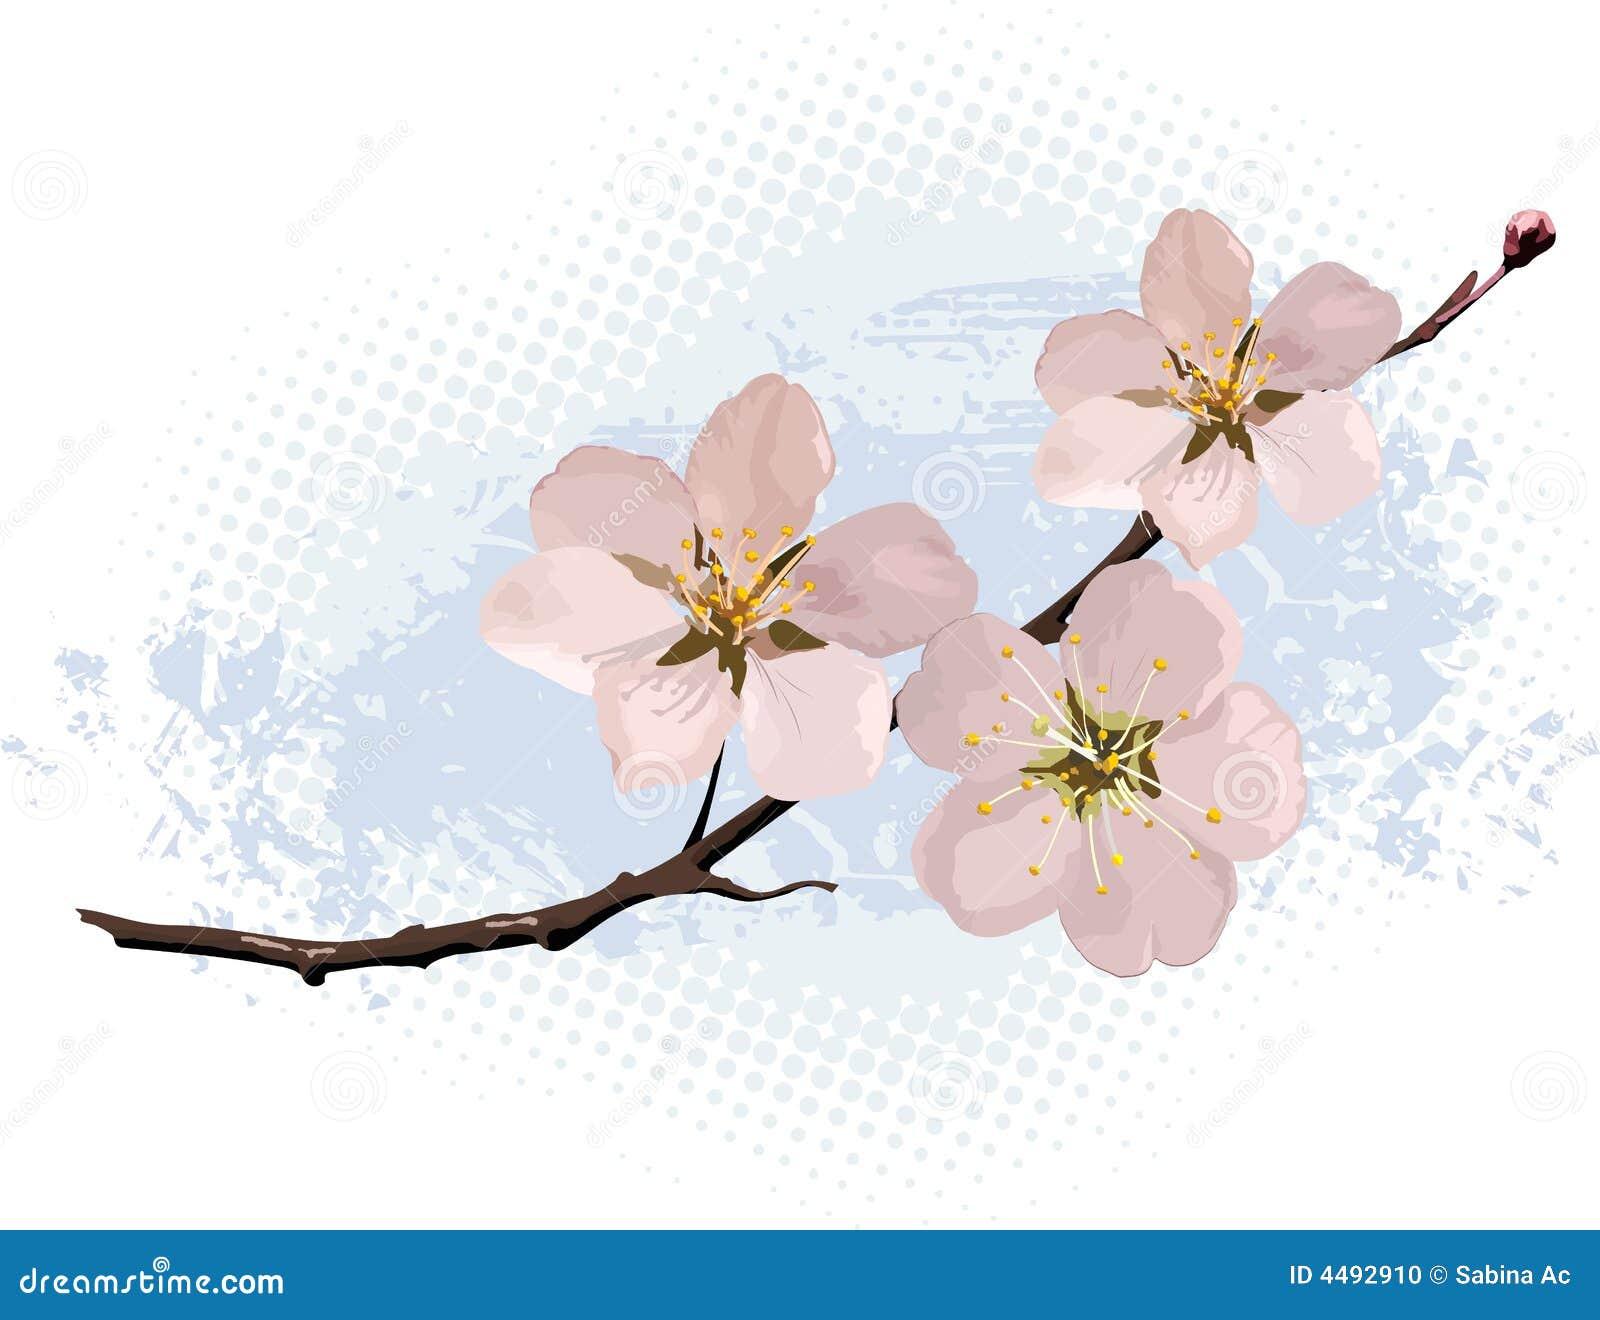 开花樱桃粉红色